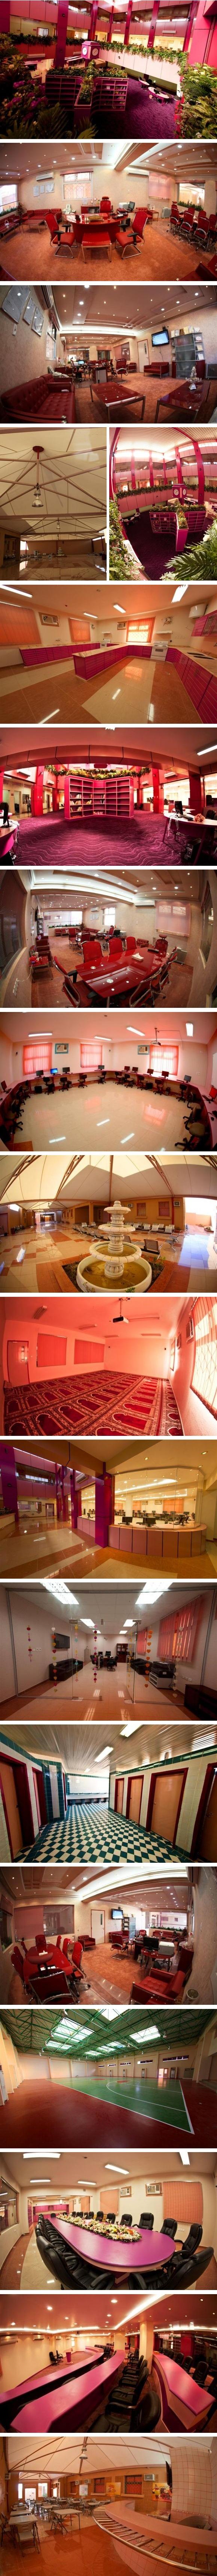 أعمآل سعودي يقوم بتحويل مدرسة زوجته لواحده أجمل مدارس 20120430_fsdfsdfsdfs